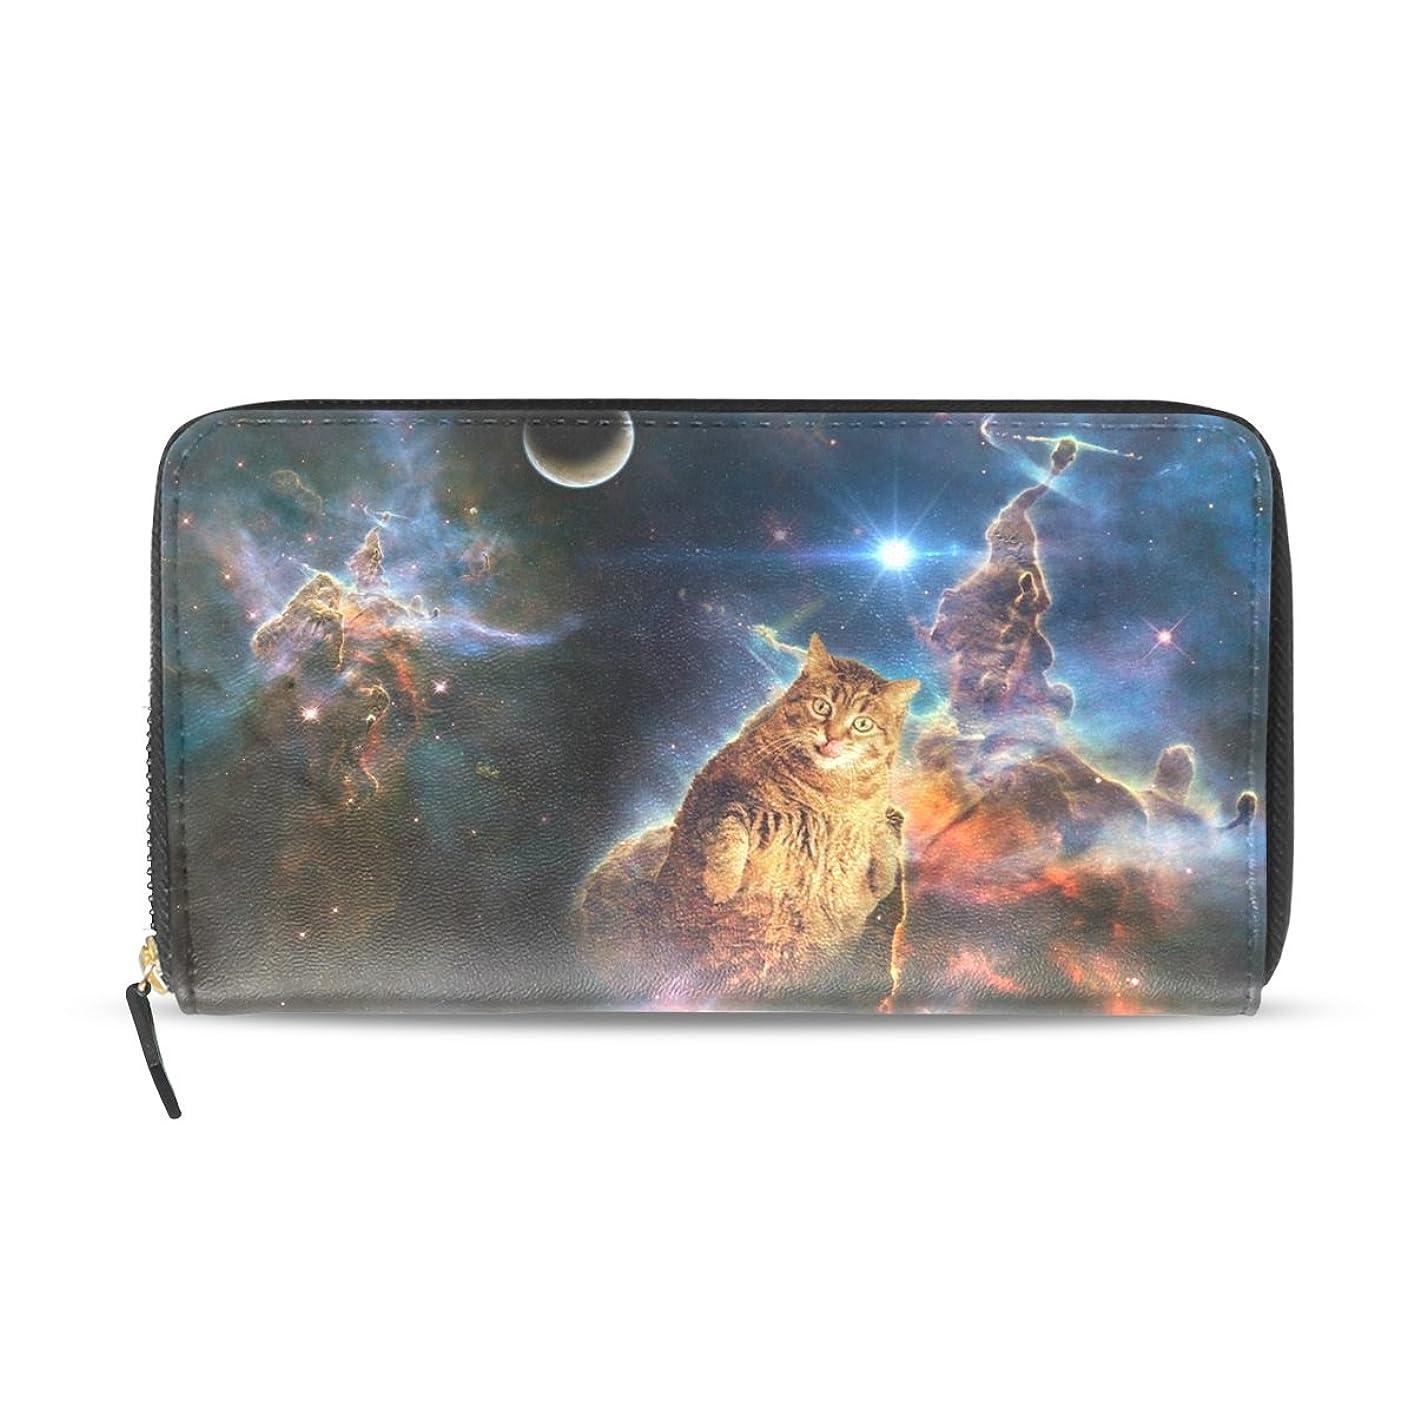 好む天皇惑星GORIRA(ゴリラ) 星雲の太る猫 長財布 レディース ダブルサイド印刷 ファスナー開閉式 ウォレット